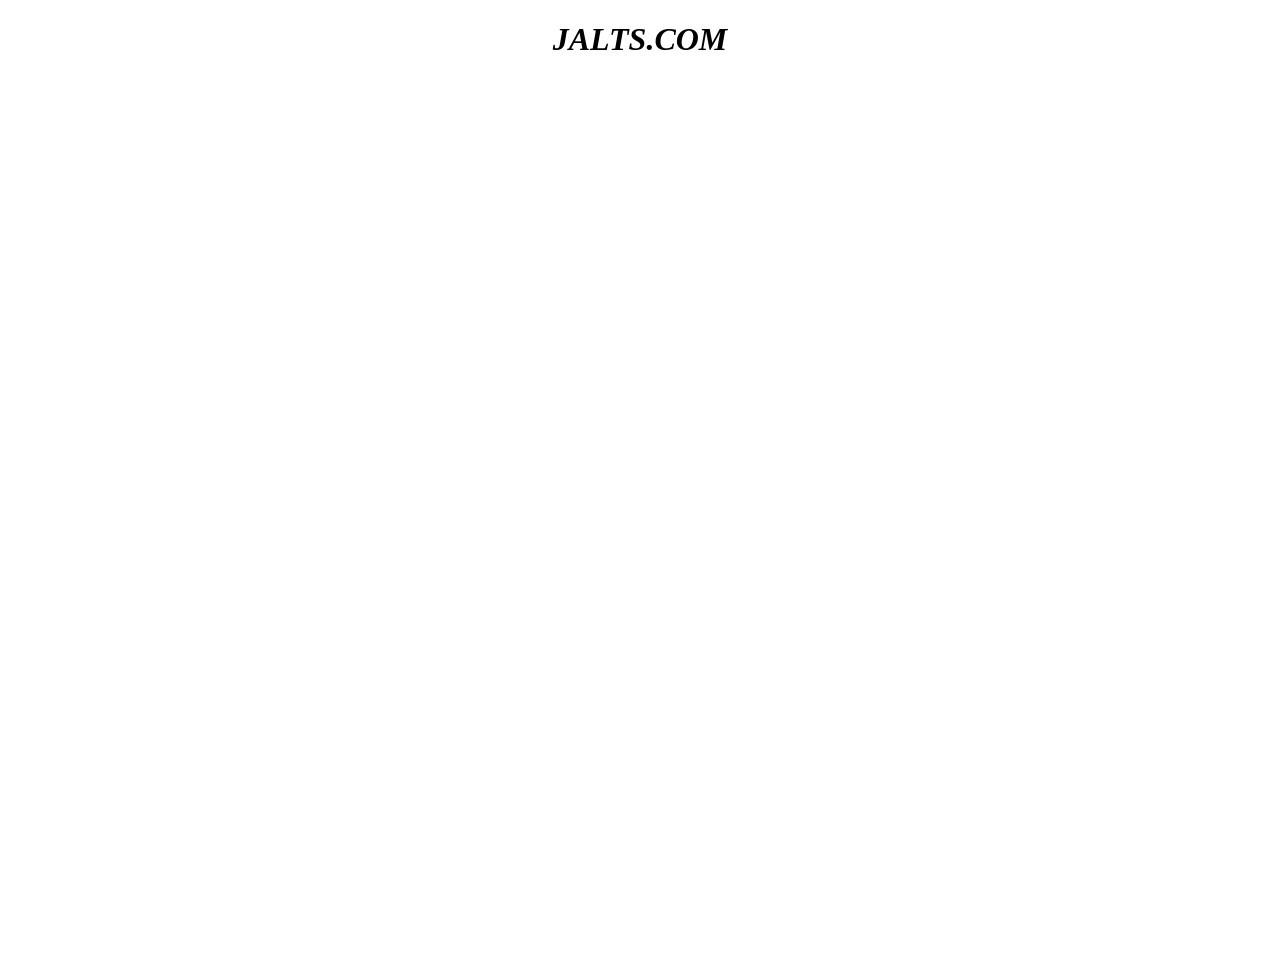 http://jalts.com.nerdydata.com